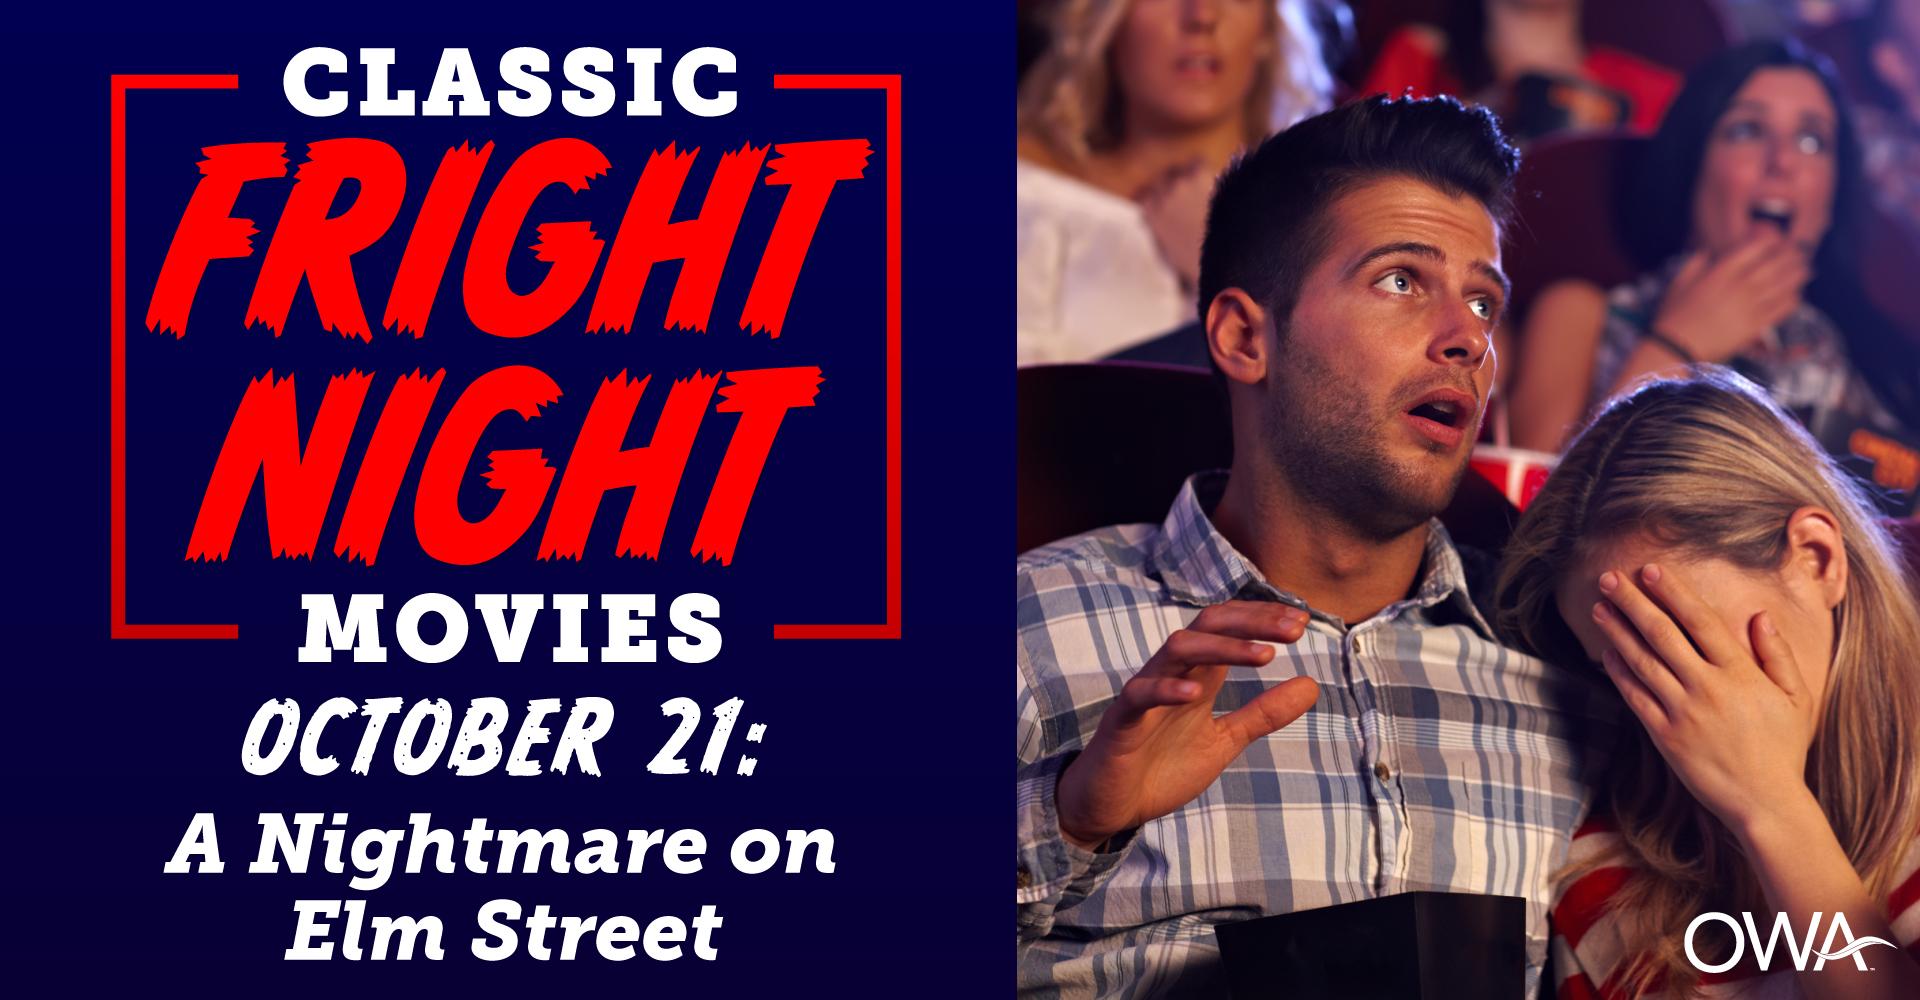 Fright Night Movies:  A Nightmare on Elm Street (1984)